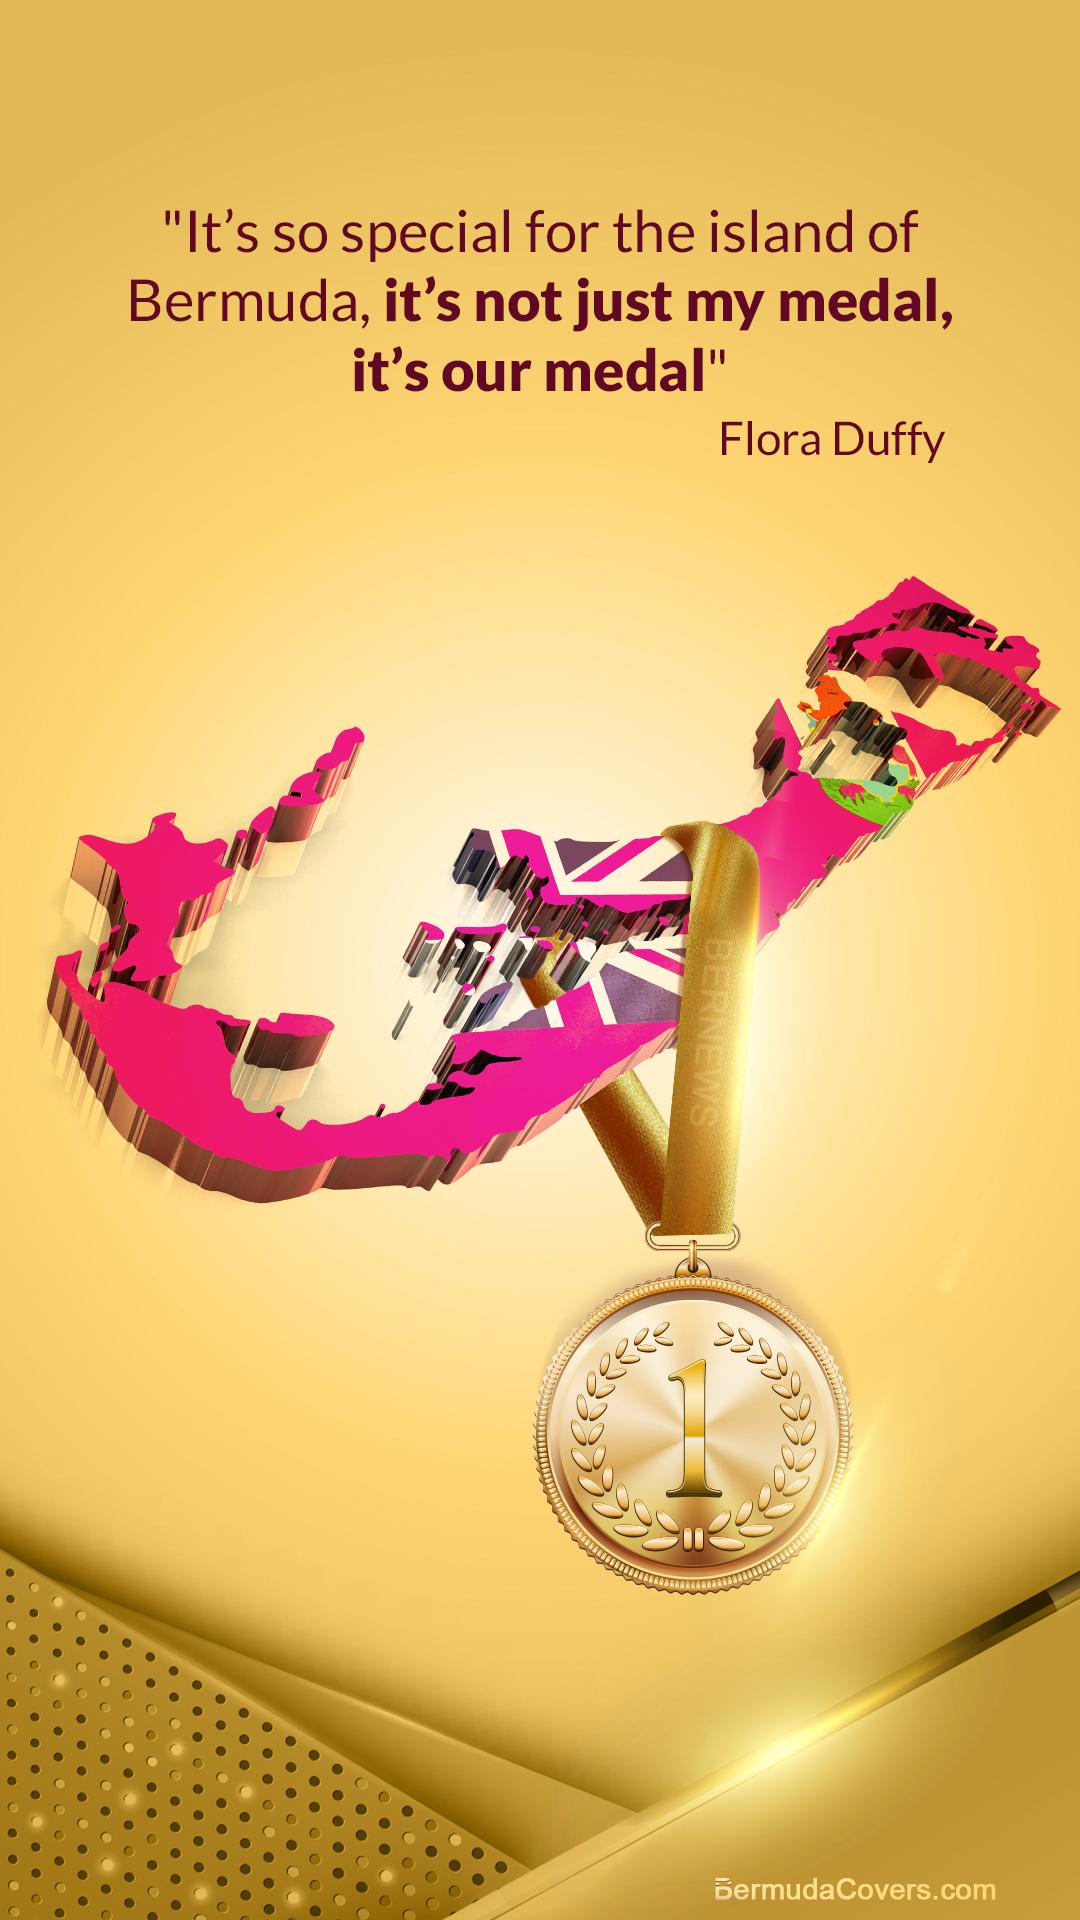 Flora Duffy Bermuda Gold Medal Bernews Mobile phone wallpaper lock screen design image photo 68hpP4pi